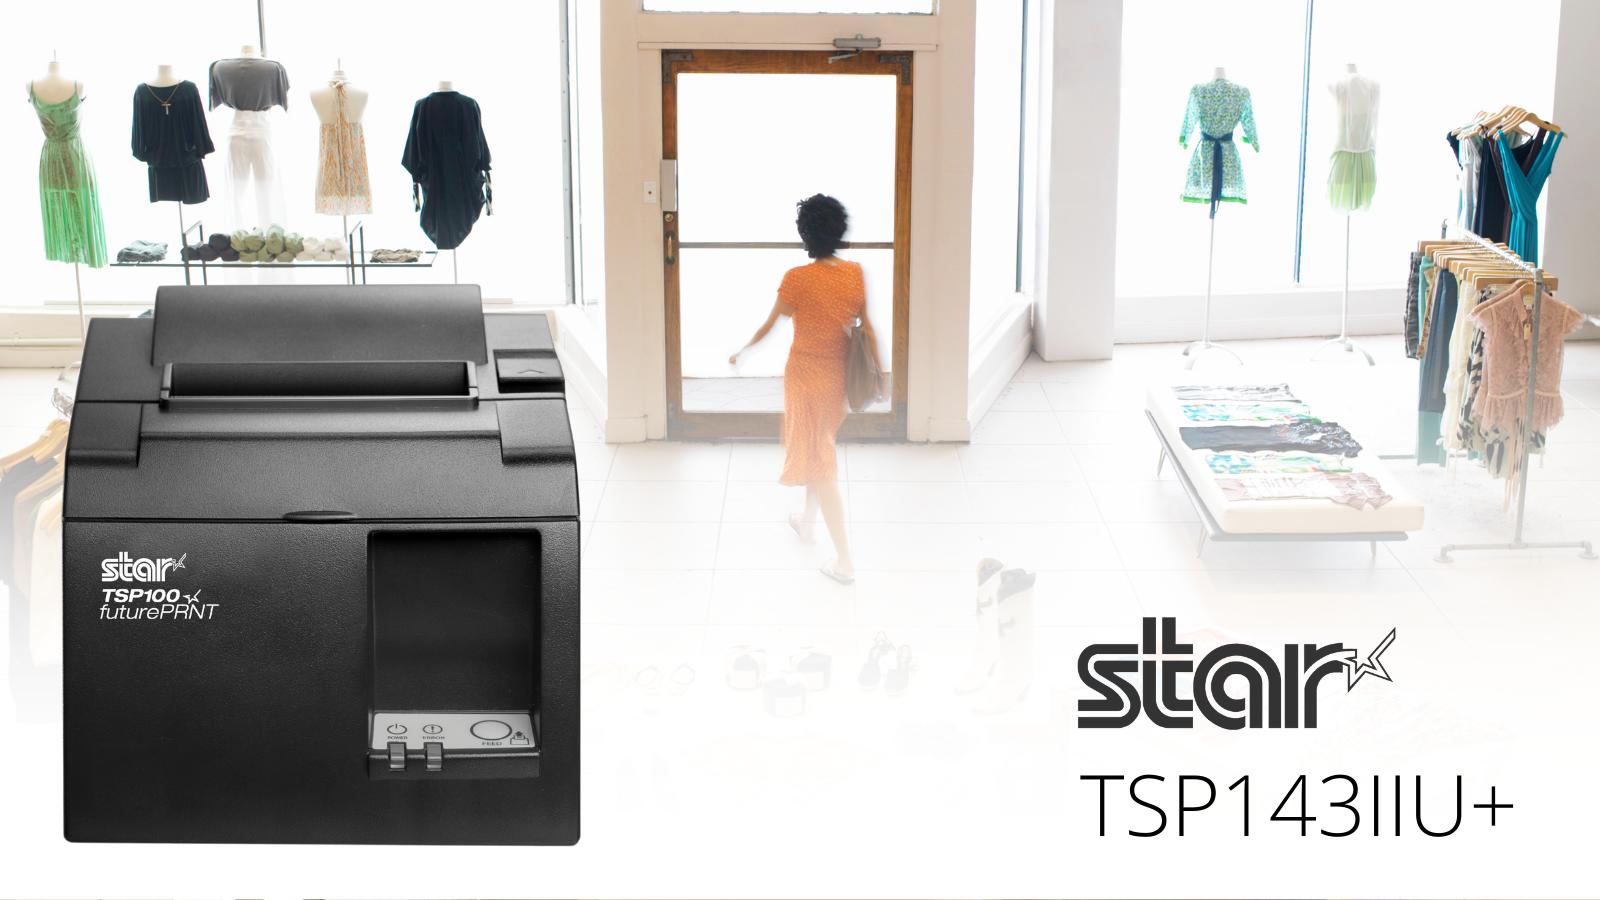 Termální tiskárna Star Micronics TSP143IIU+ představuje ideální řešení pro použití v dopravě, logistice, maloobchodě, zdravotnictví, finančnictví či v dalších odvětvích